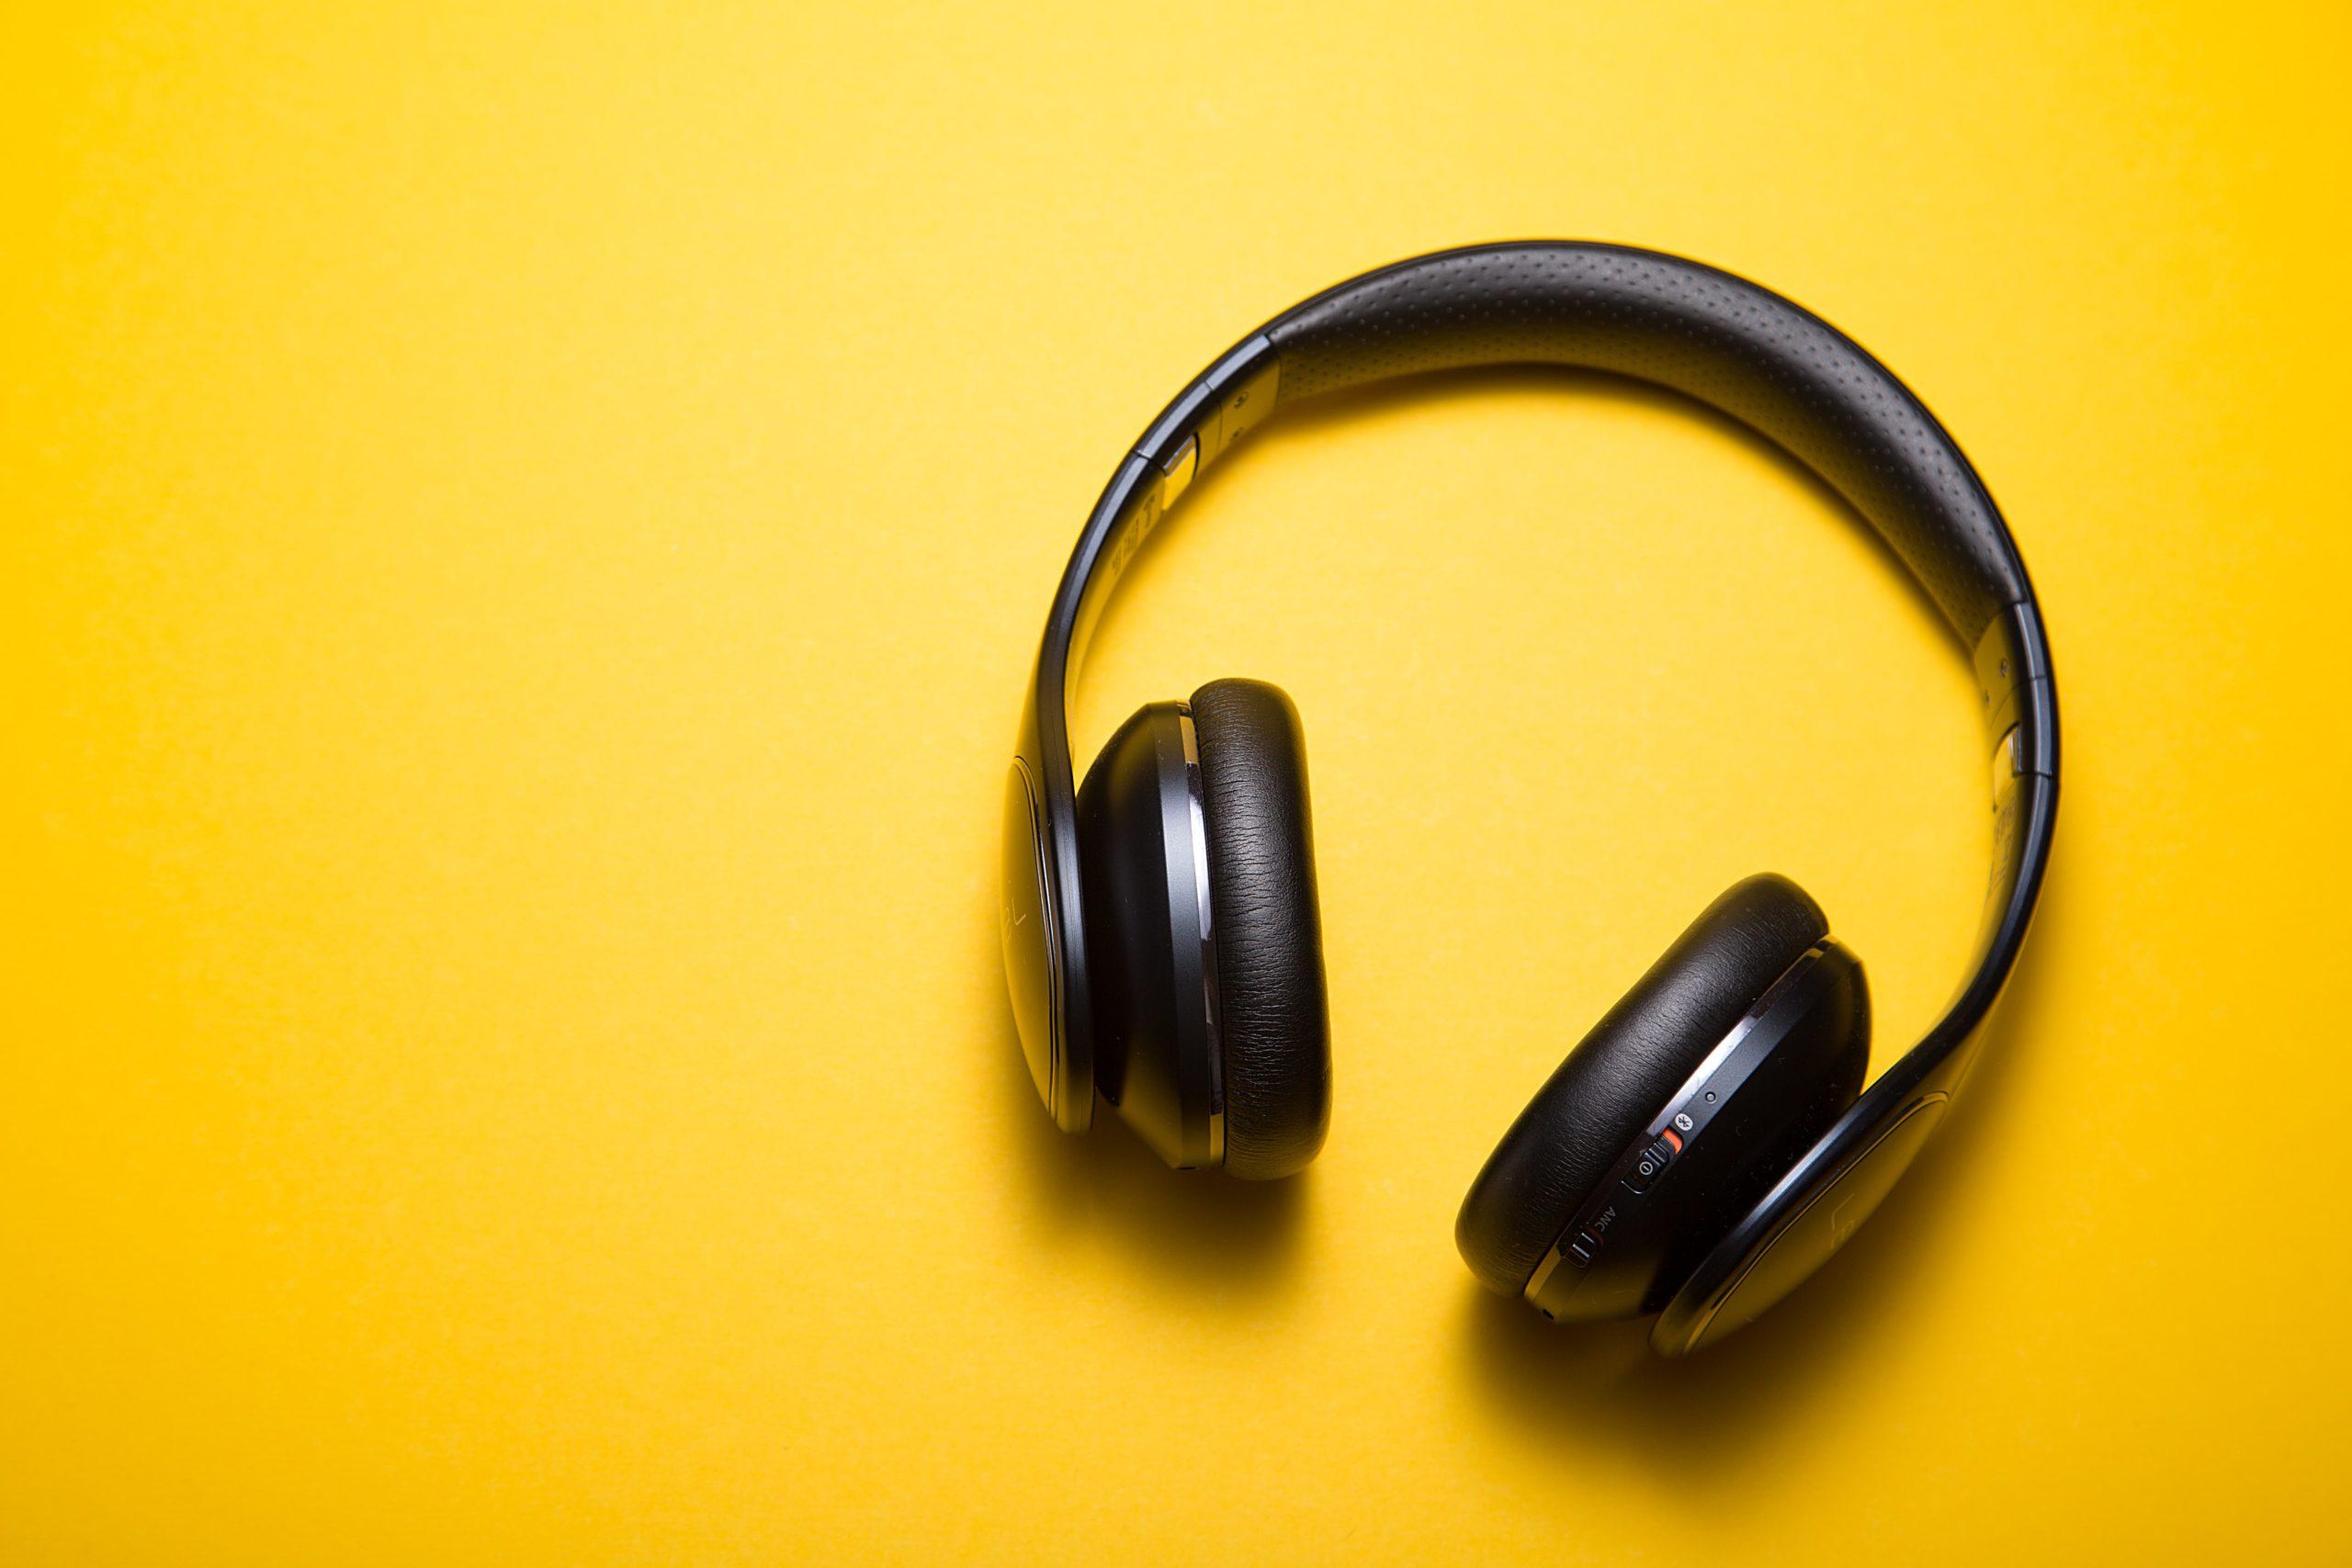 音楽の趣味が合うことは恋愛でメリット?音楽の趣味が合う異性と上手くいく理由